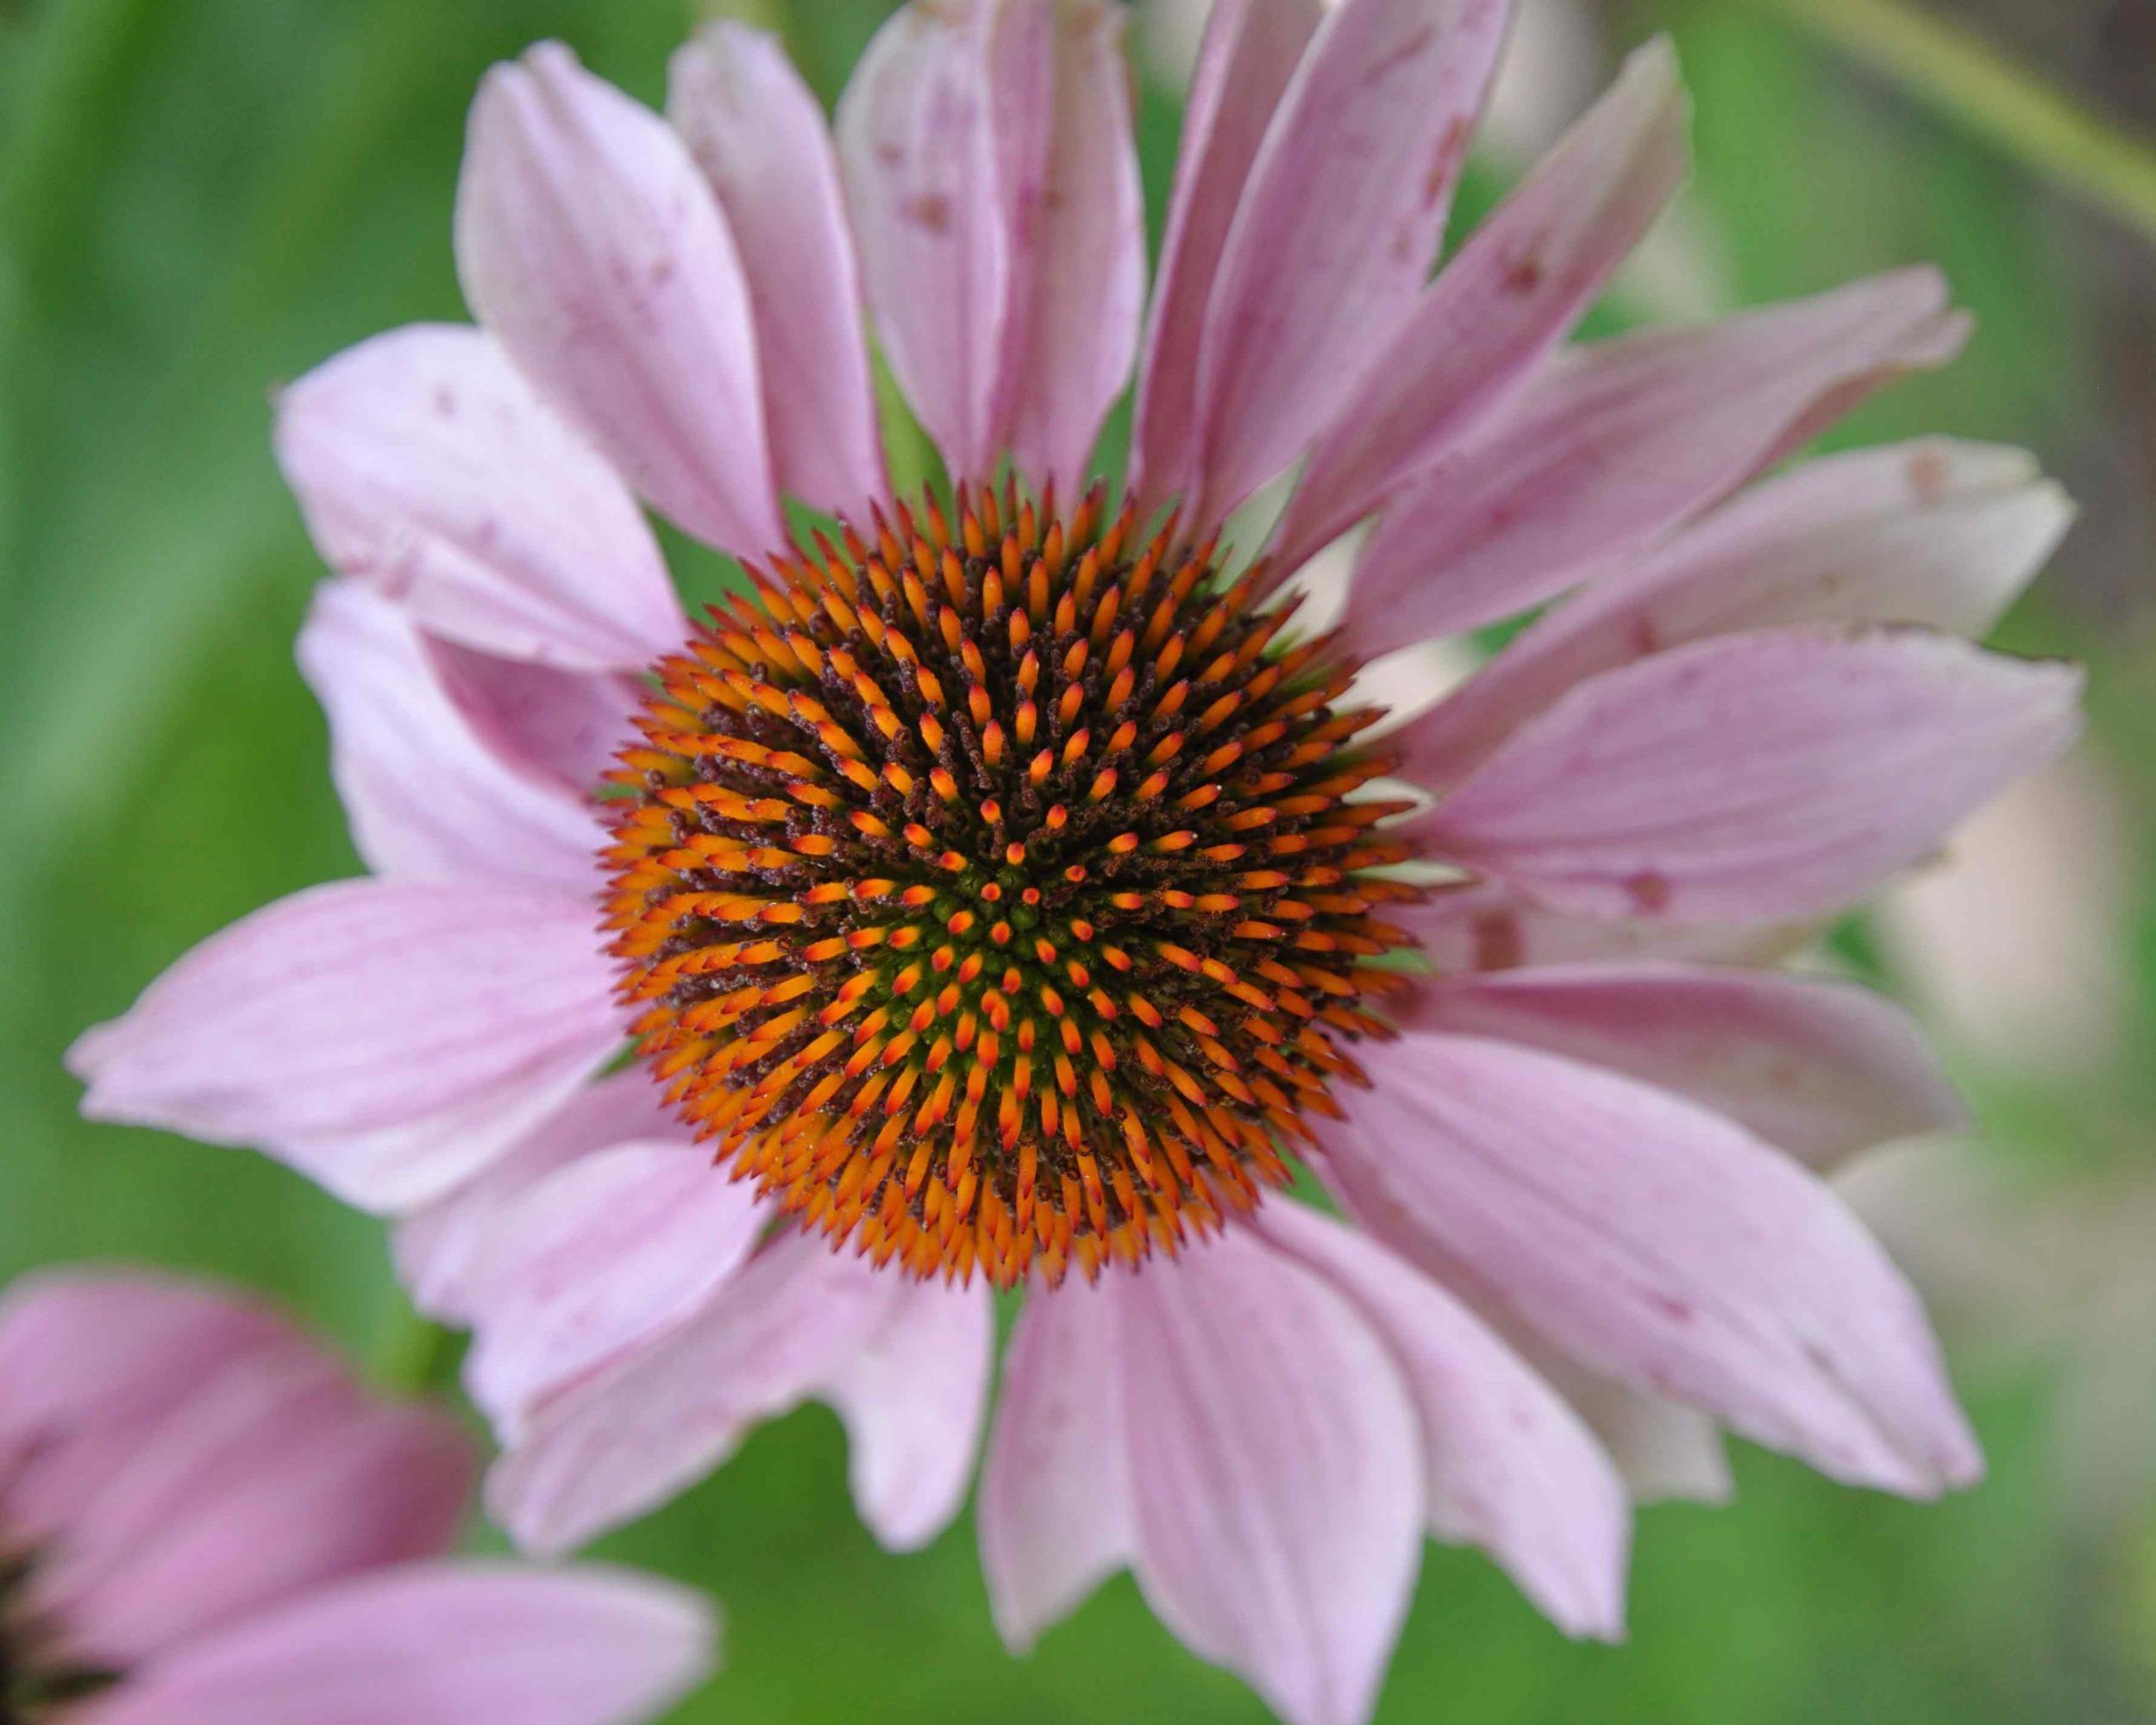 S Flower Closeup.jpg